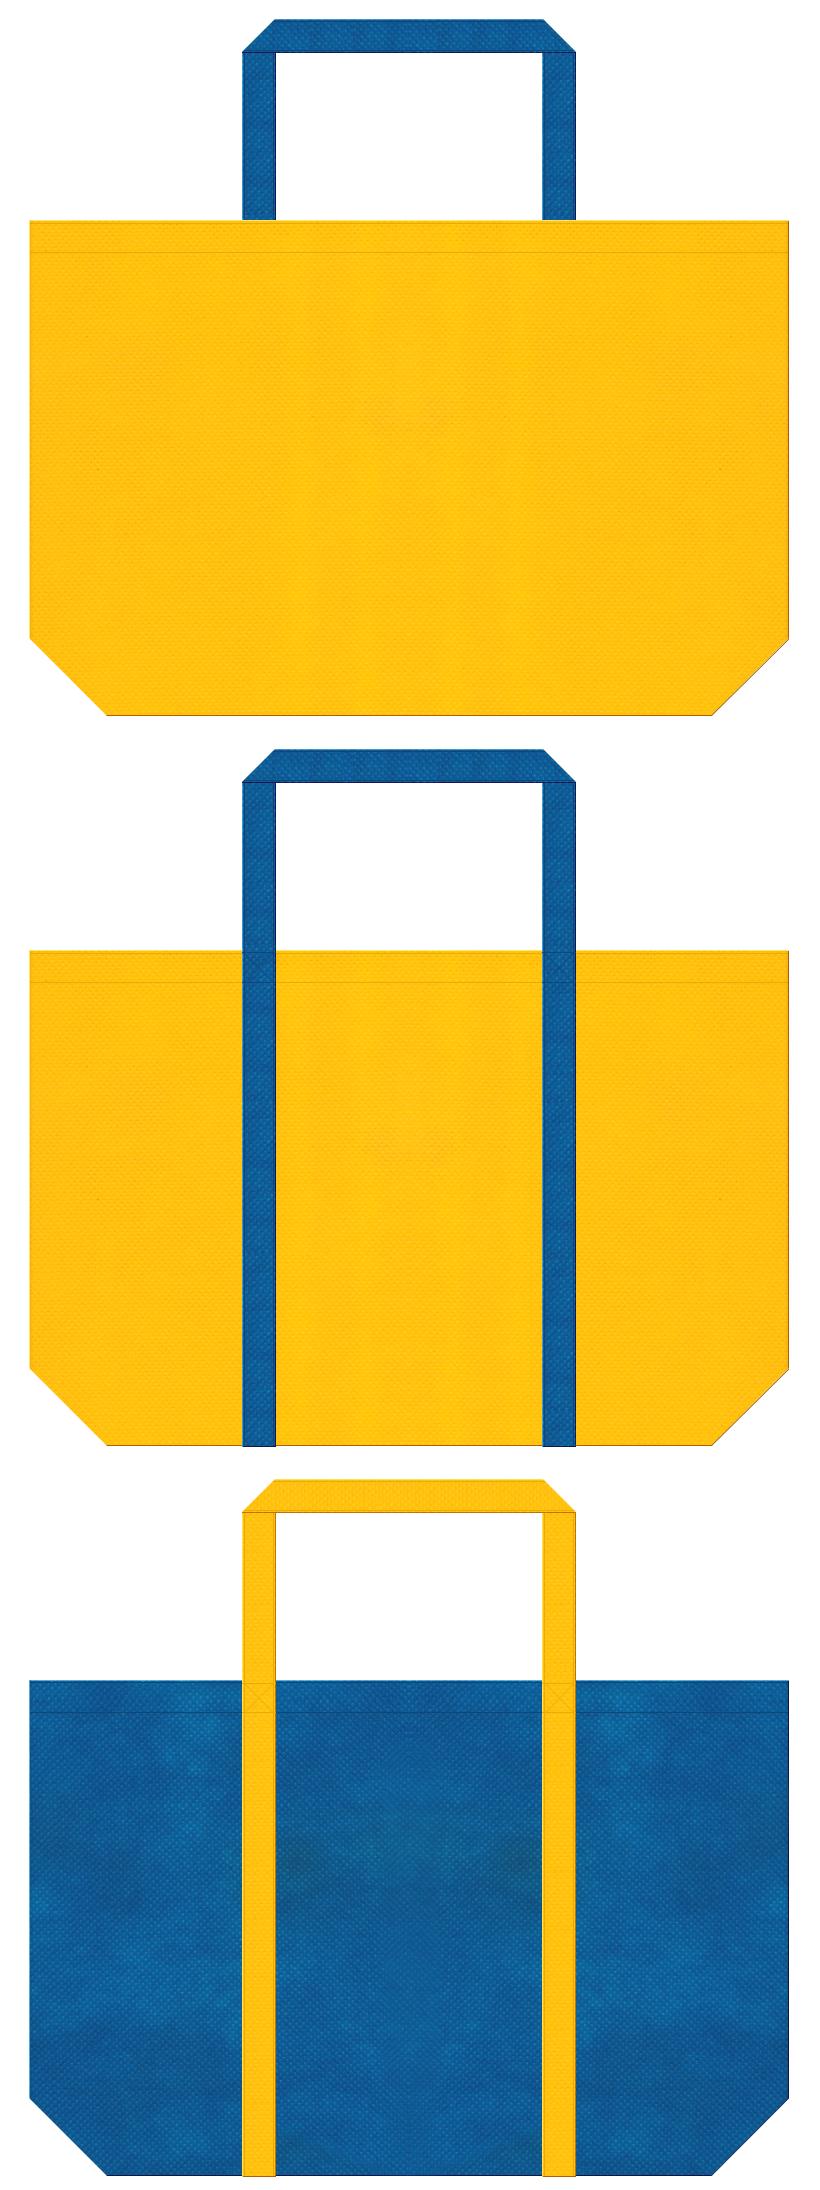 黄色と青色の不織布バッグデザイン。遊園地、ゲーム、おもちゃのショッピングバッグにお奨めです。